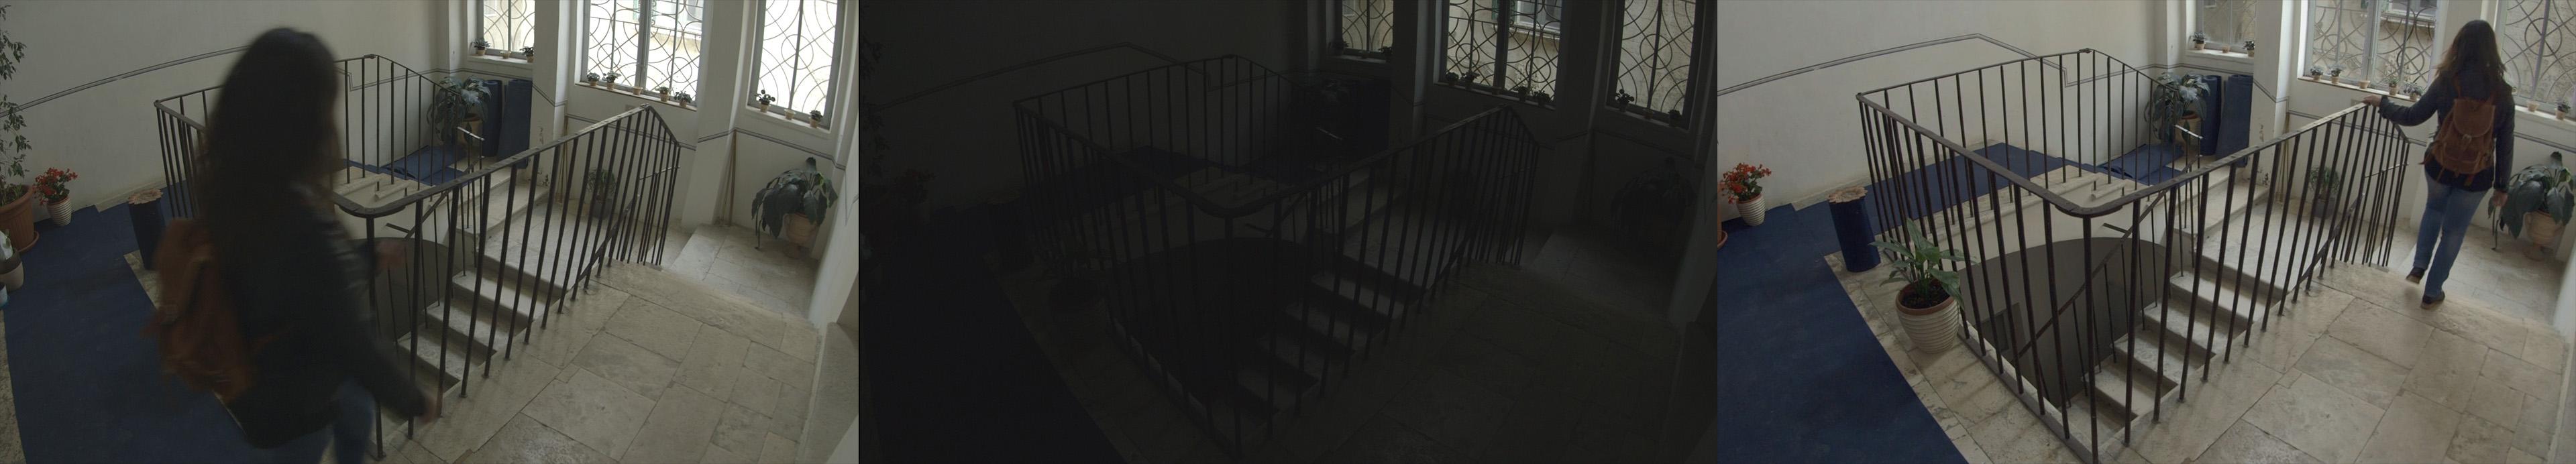 Palazzo Bernardini Matera nel film Come l'acqua by DiMMD